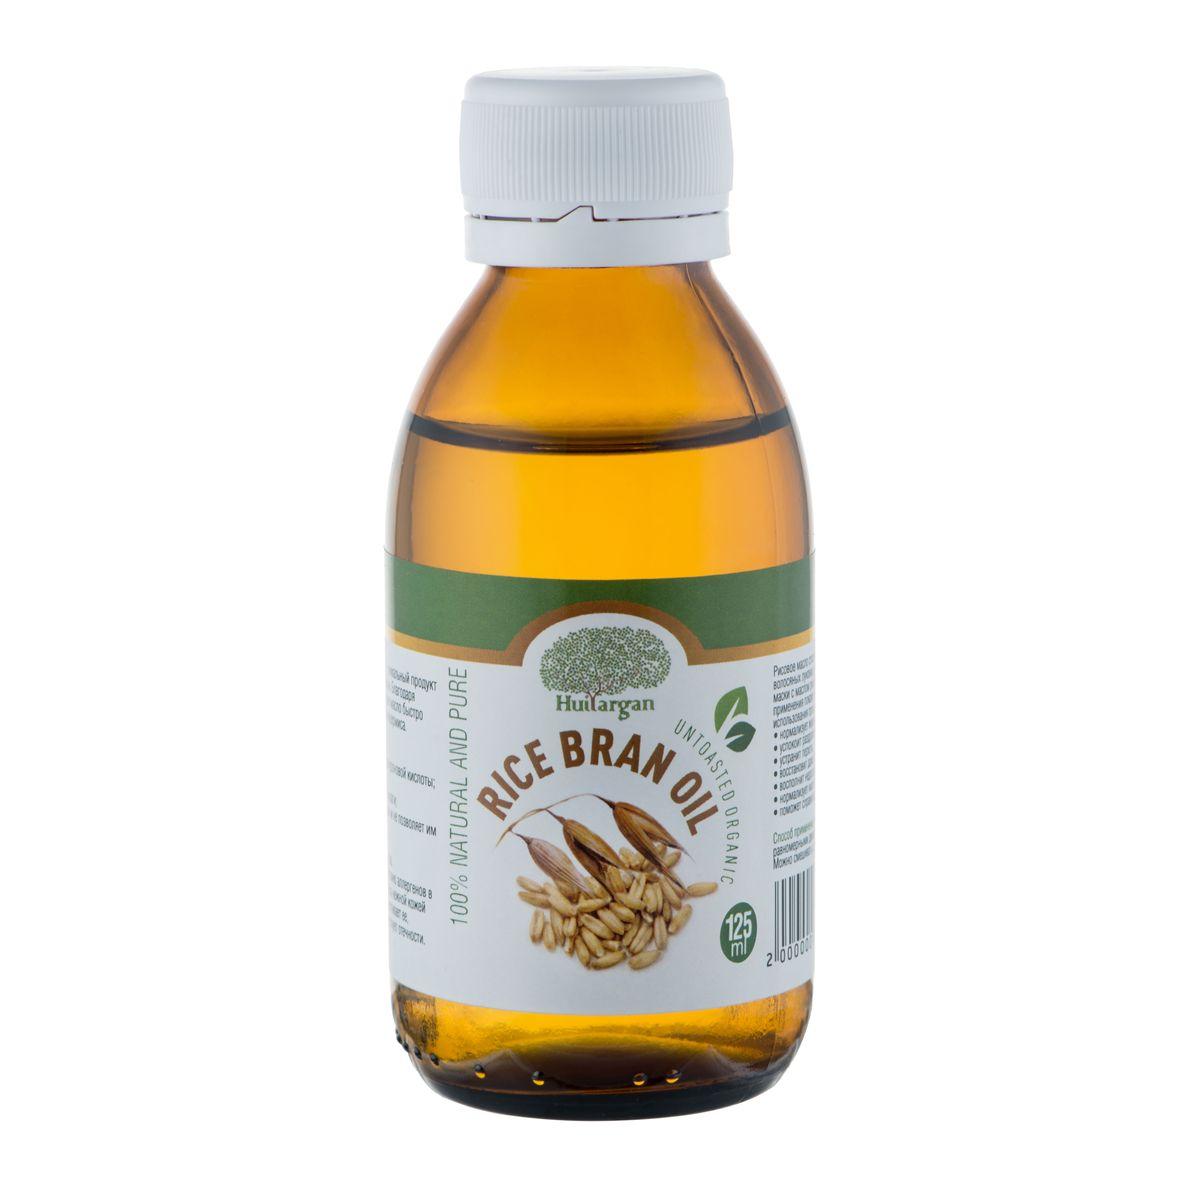 Huilargan Масло рисовых отрубей, 100% натуральное, 125 мл2000000009131Масло рисовых отрубей (Rice bran oil ) - уникальный продукт рекомендован для сухой и увядающей кожи. Благодаря глубокому проникновению в кожу, рисовое масло быстро впитывается и попадает в нижние слои эпидермиса. Оно проявляет следующие действия:- провоцирует выработку эластина и гиалуроновой кислоты;- насыщает клетки витаминами;- увлажняет кожу и препятствует потере влаги;- разглаживает уже имеющиеся морщины и не позволяет им закладываться в будущем;- обновляет кожный покров;- выравнивает рельеф, улучшает цвет лица.Благодаря мягкому воздействию и отсутствию аллергенов в составе, продукт используется для ухода за нежной кожей вокруг глаз. Масло питает кожу век, подтягивает ее, разглаживает мелкие морщины и препятствует отечности.Рисовое масло способствует активизации замерших волосяных луковиц и укреплению корней волос. Массаж и маски с маслом рисовых отрубей уже через 10 дней применения покажут видимые результаты. Кроме того, его использования произведет дополнительные эффекты:- нормализует жирность кожи головы;- успокоит раздражение;- устранит перхоть;- восстановит даже сильно поврежденные волосы;- восполнит недостаток витаминов;- нормализует кислотный баланс;- поможет справиться с секущимися кончиками.